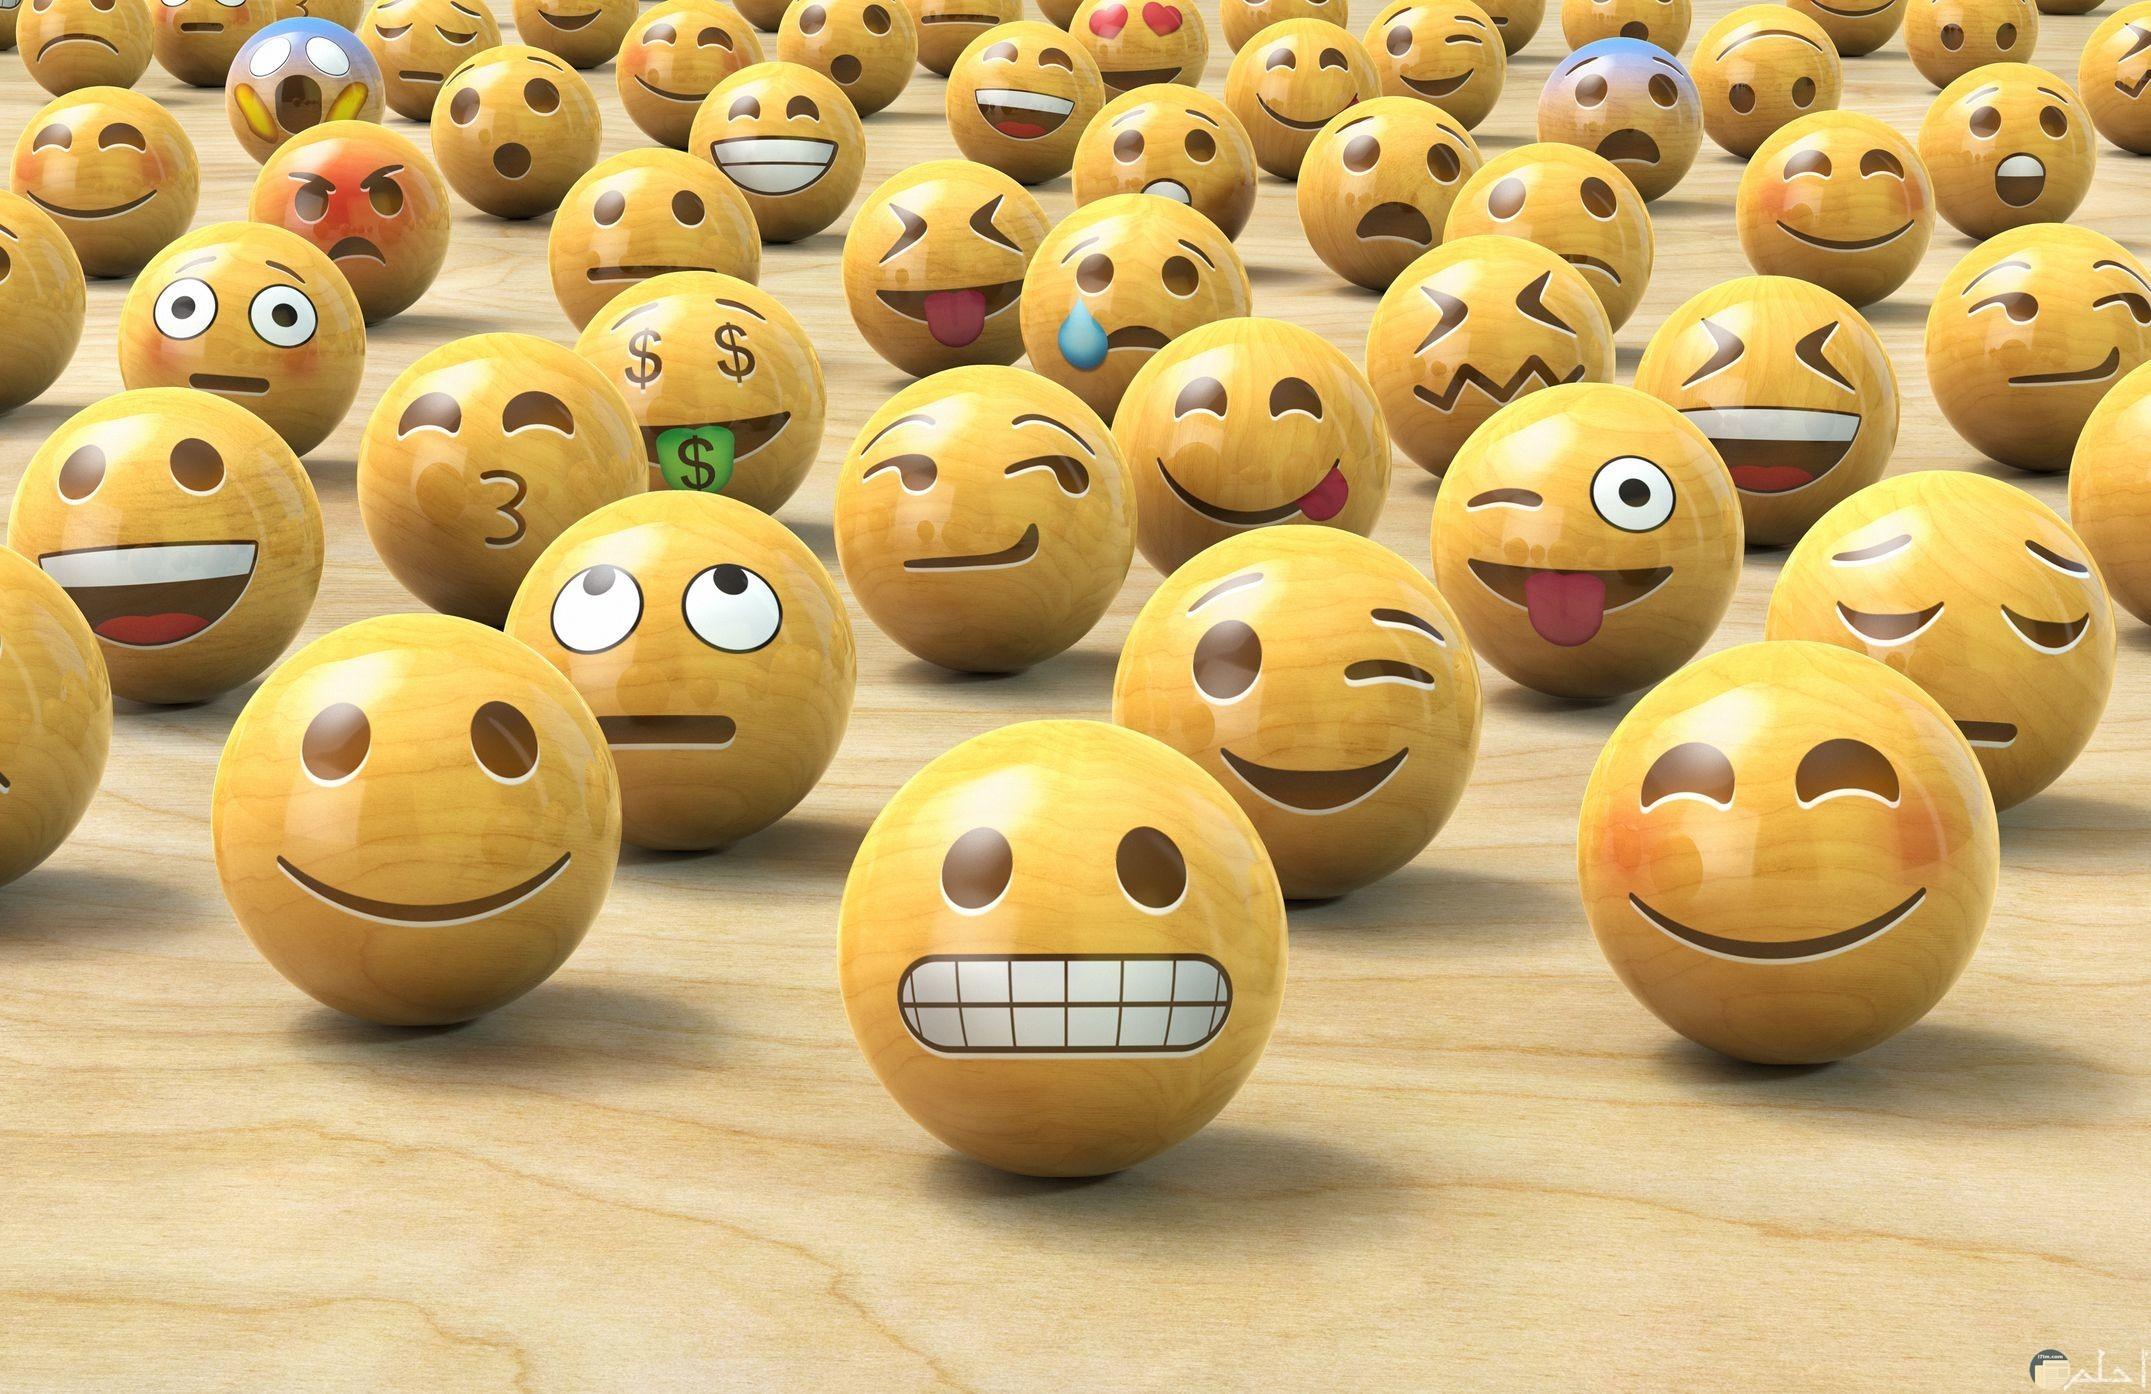 ايموشنز متنوعة تعبر عن مشاعر مختلفة